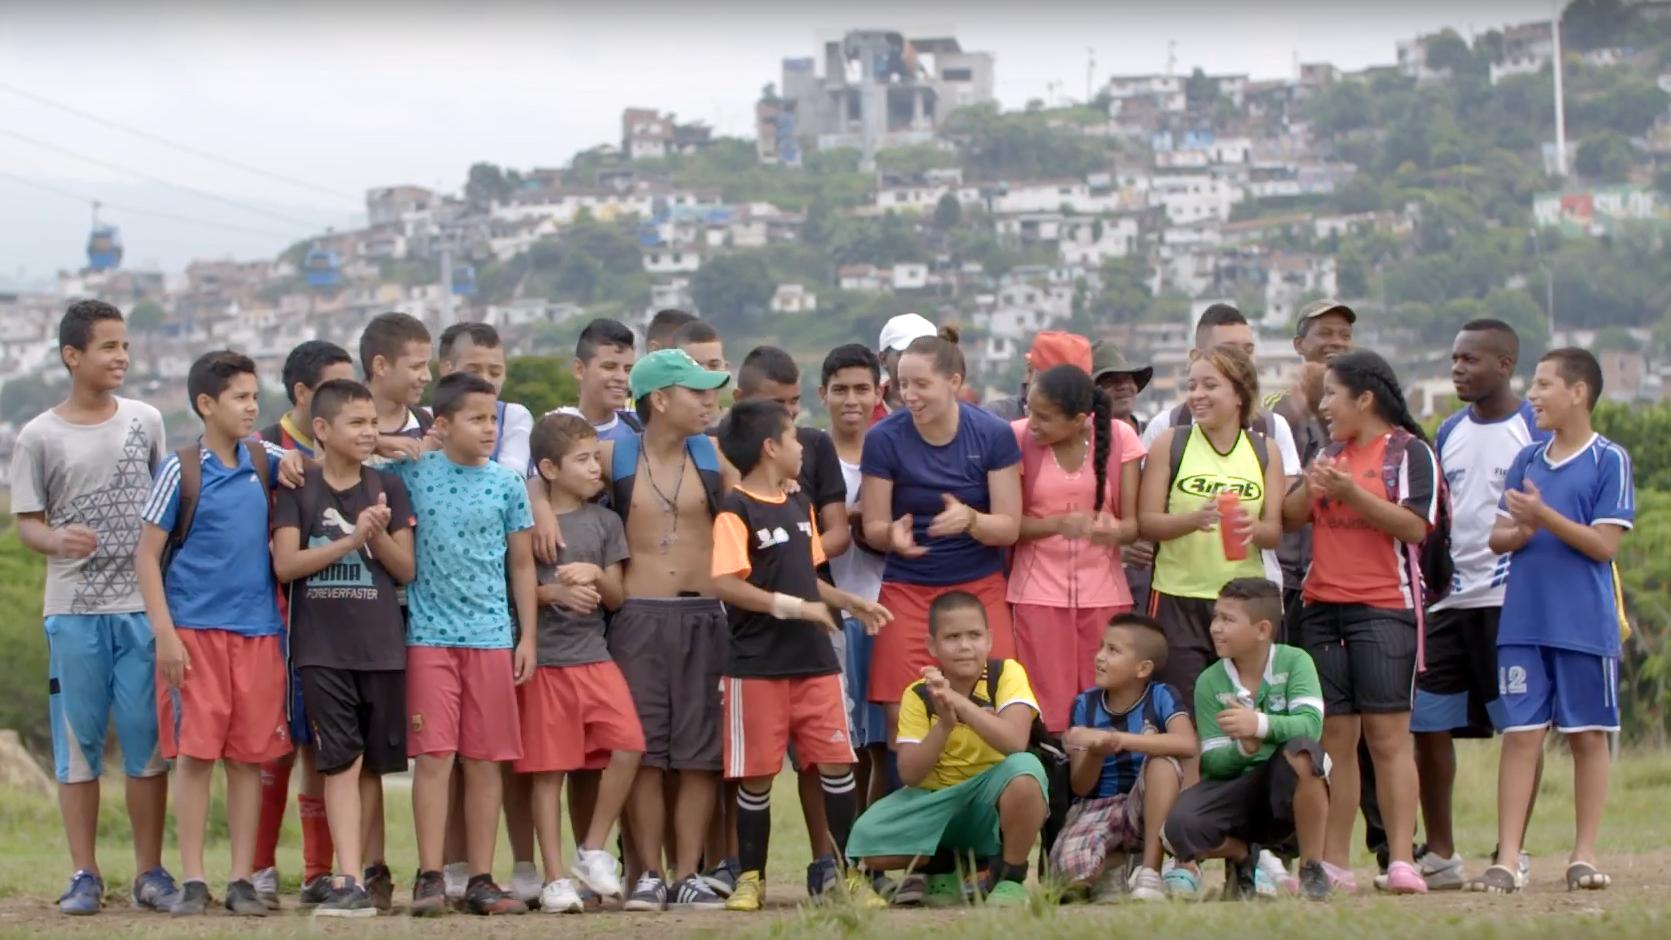 """Standbild aus dem Video """"Deutsch-Kolumbianischer Freundeskreis fördert das Projekt Sport gegen Gewalt"""""""